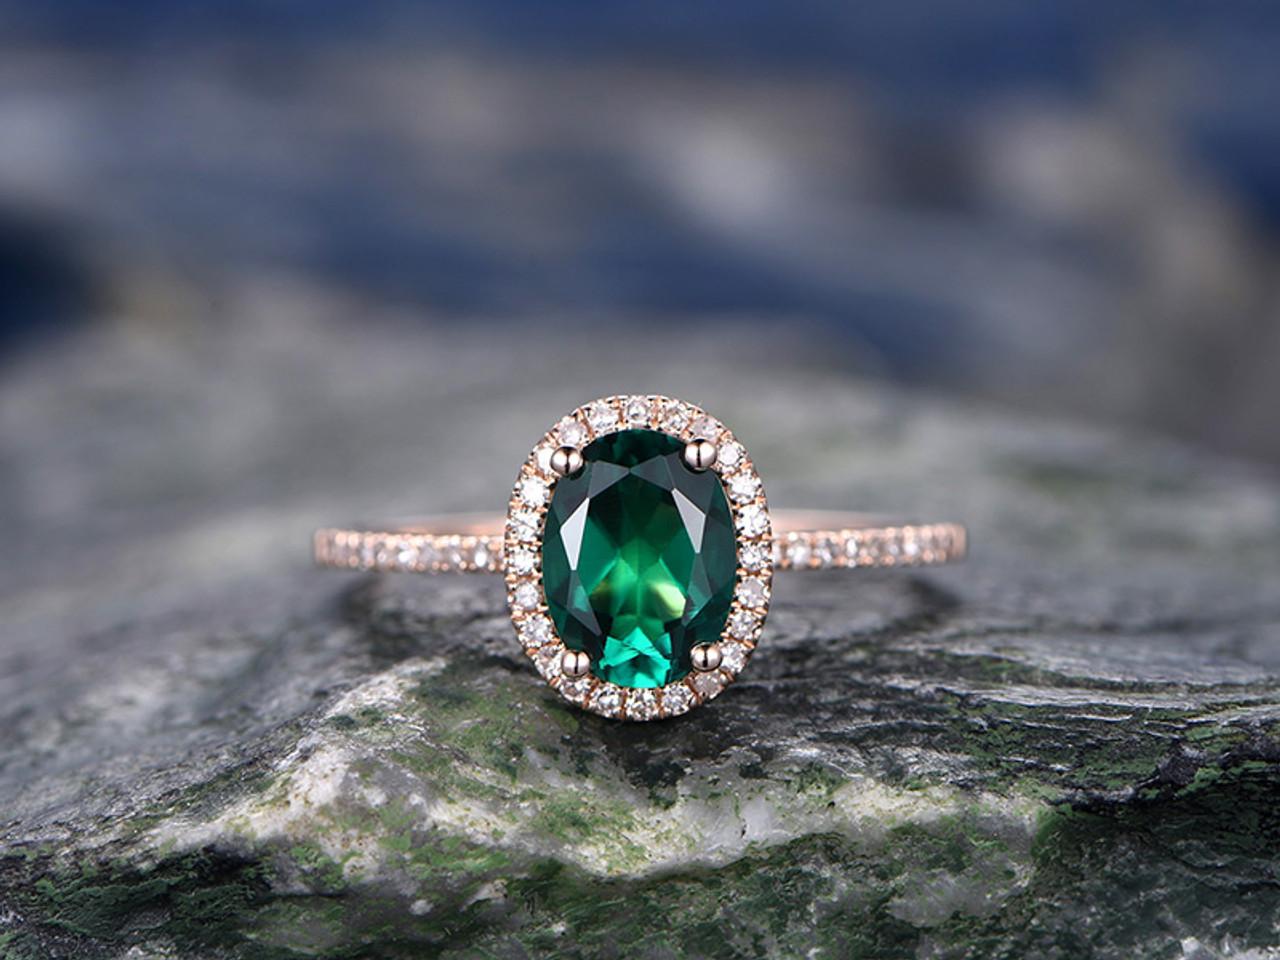 1.25 Carat Lab Emerald Wedding Ring Diamond Engagement Ring Rose Gold 14K Halo Ring Pave Set